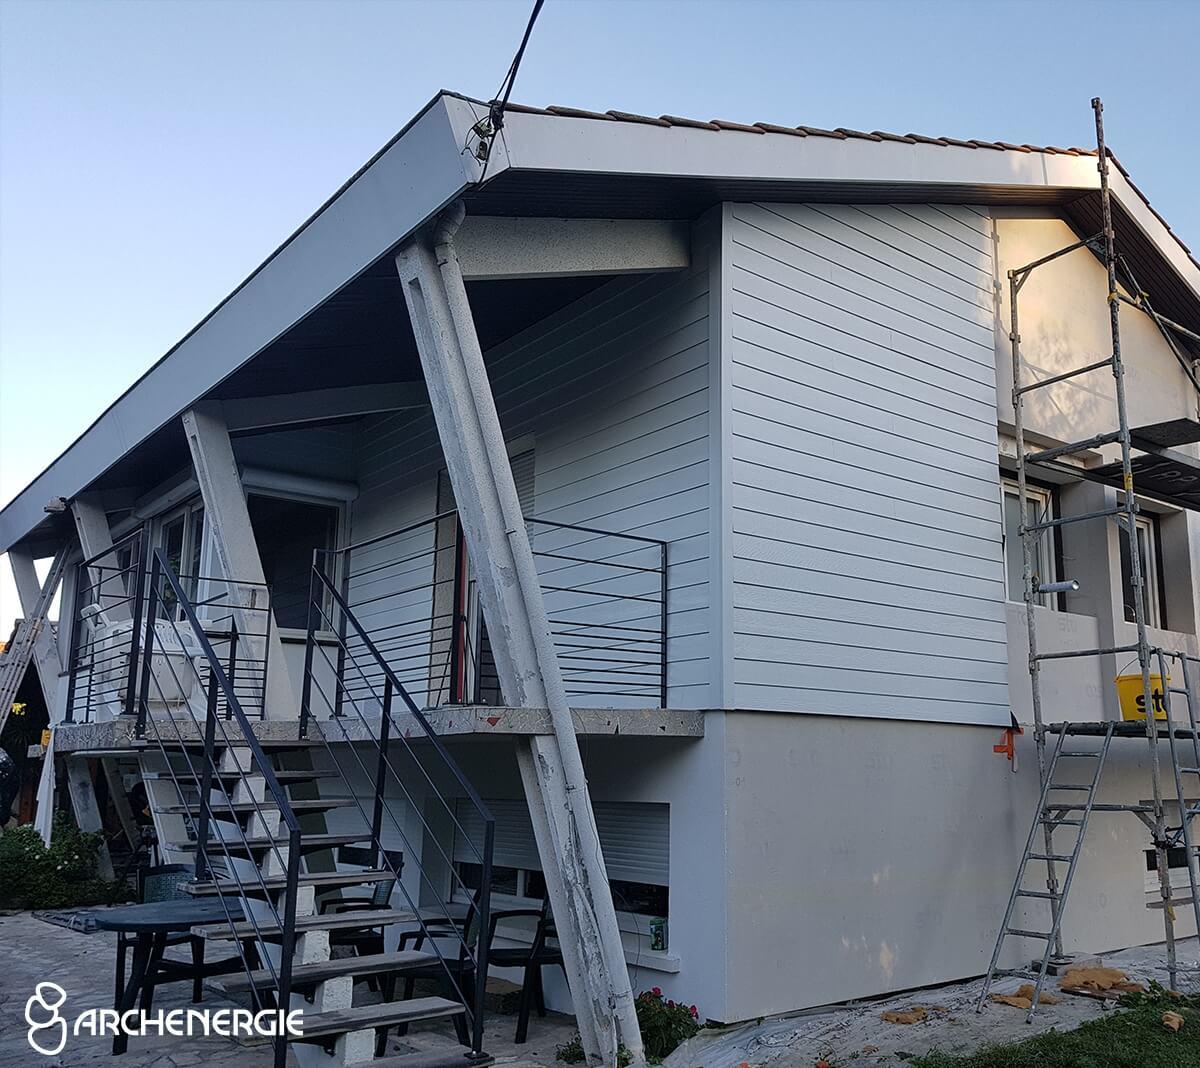 plus d'isolation pour cette maison d'architecte de Mérignac (33)